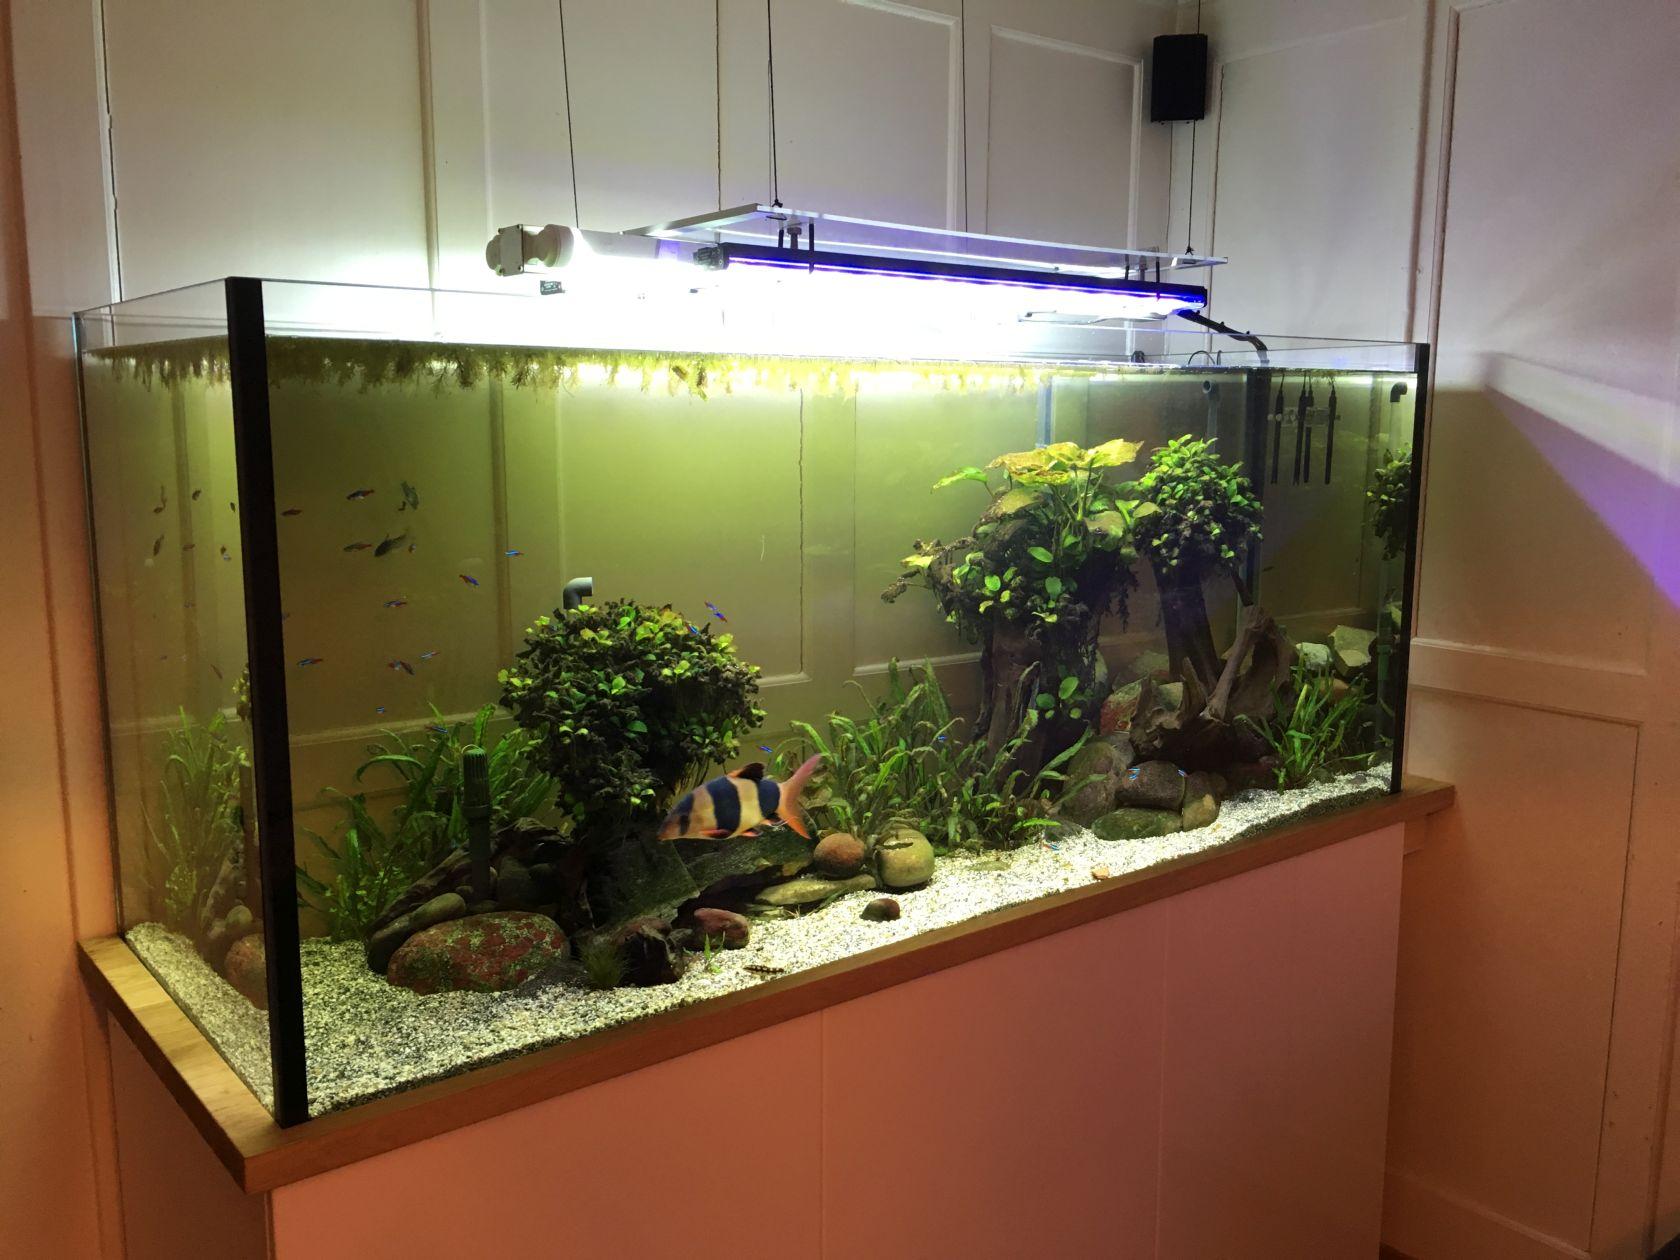 Fische & Aquarien Aquarien Aquarium Seien Sie Im Design Neu